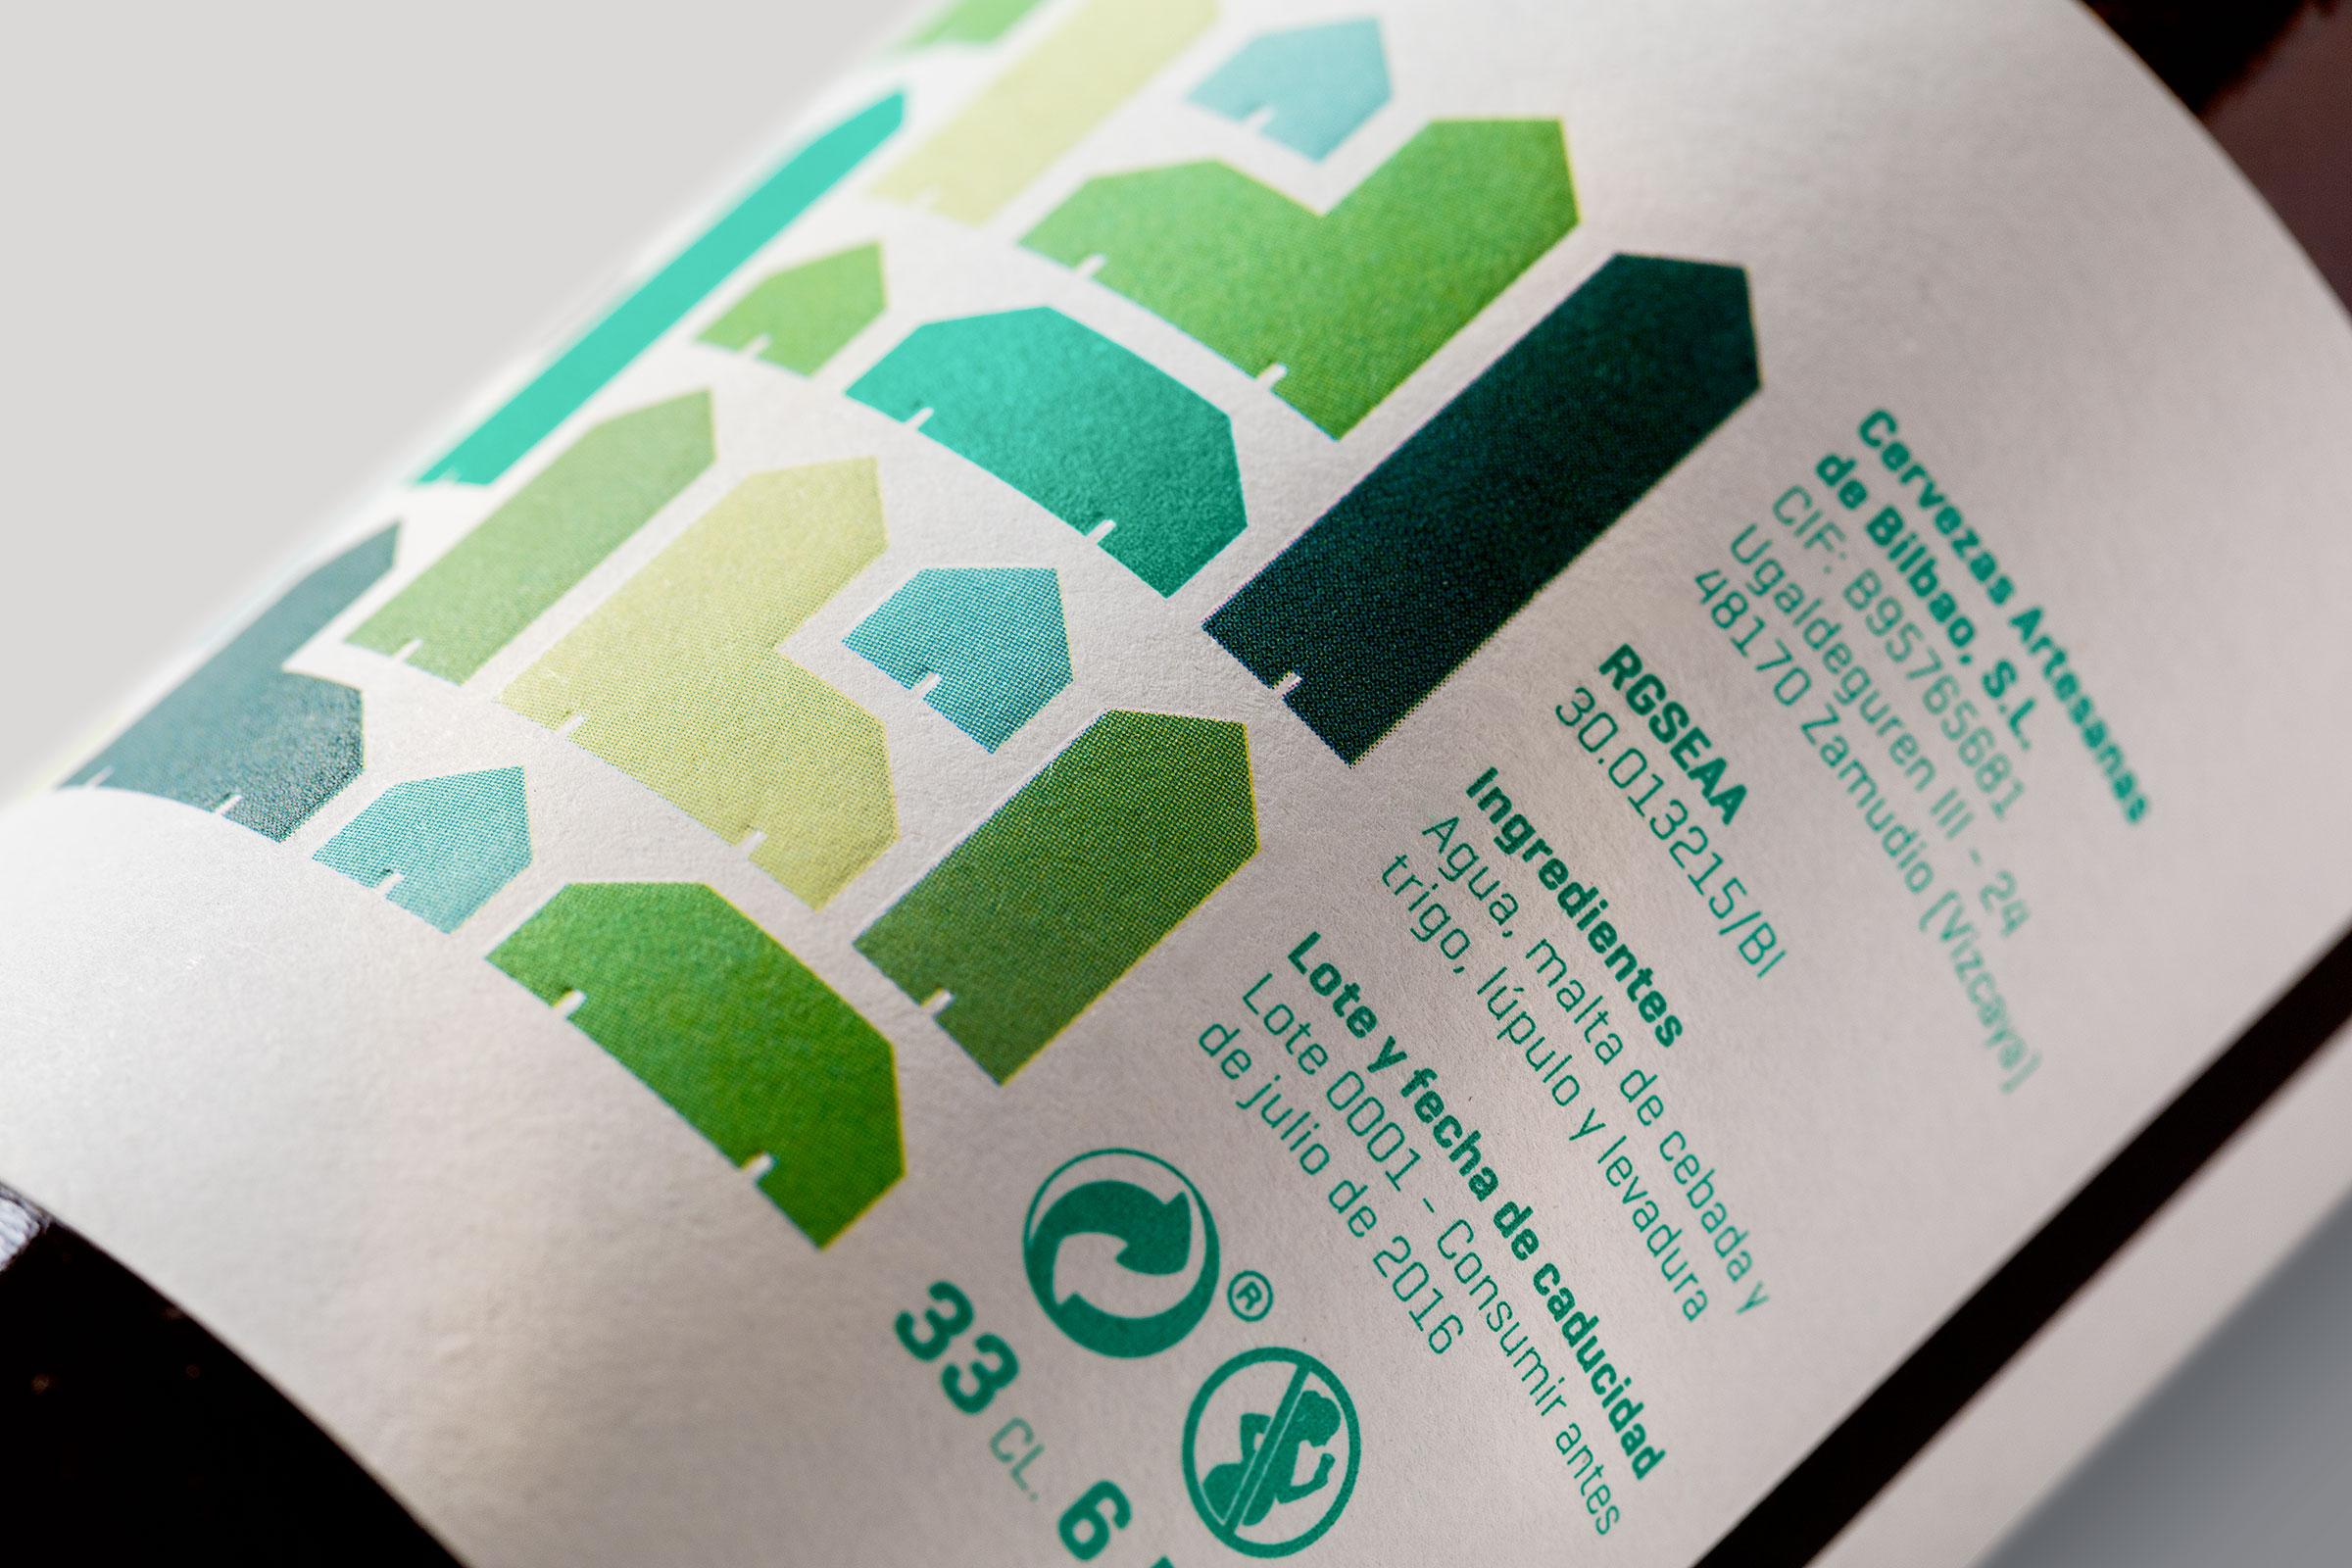 Fragmento de la etiqueta verde de Urbanbeer